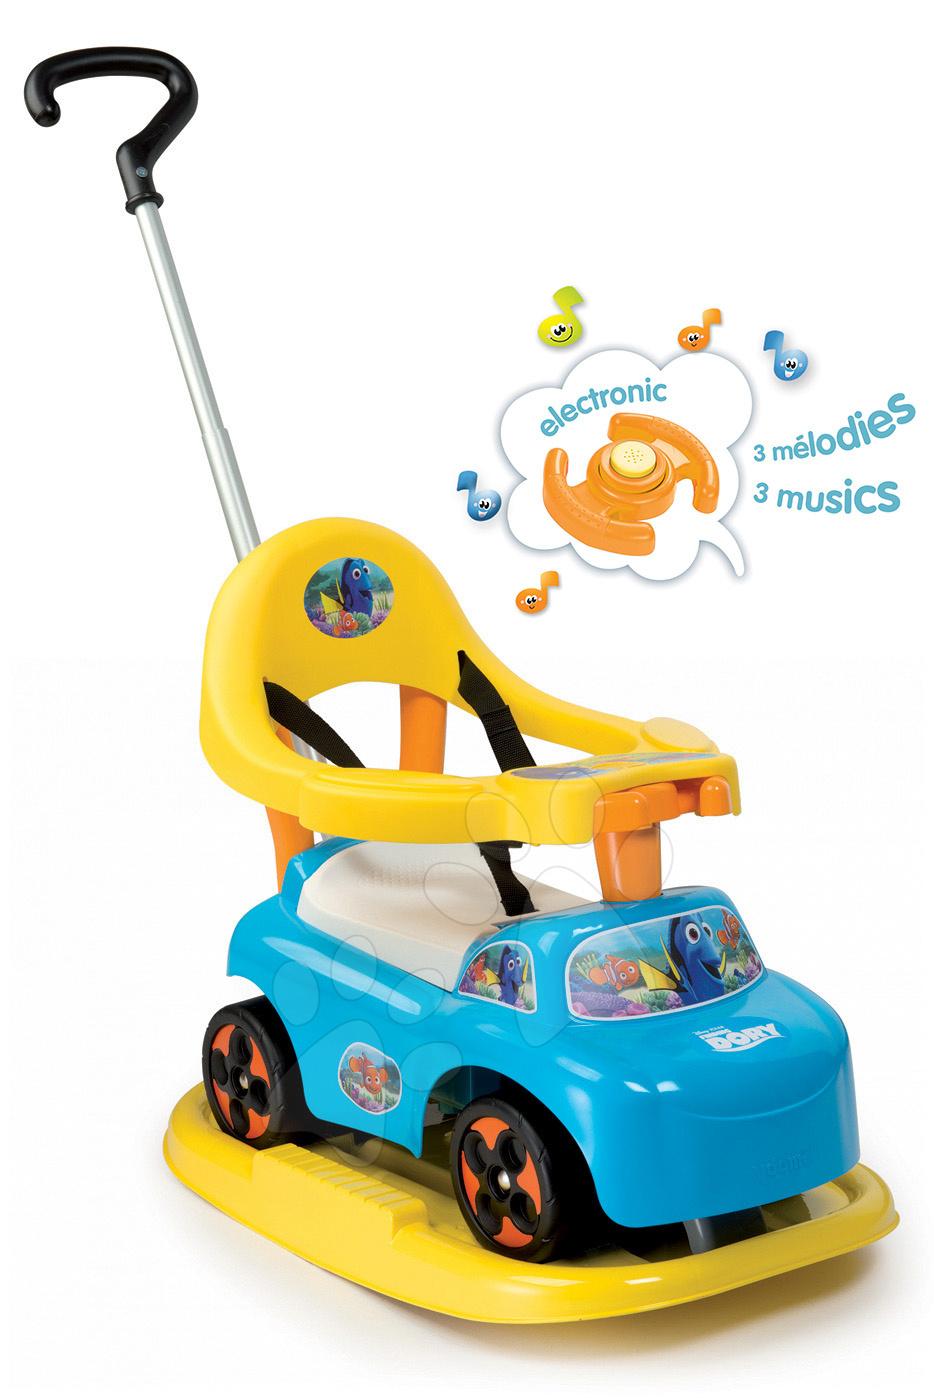 Odrážadlá od 6 mesiacov - Odrážadlo Auto Balade Hľadá sa Dory Smoby s hojdačkou modro-žlté od 6 mes